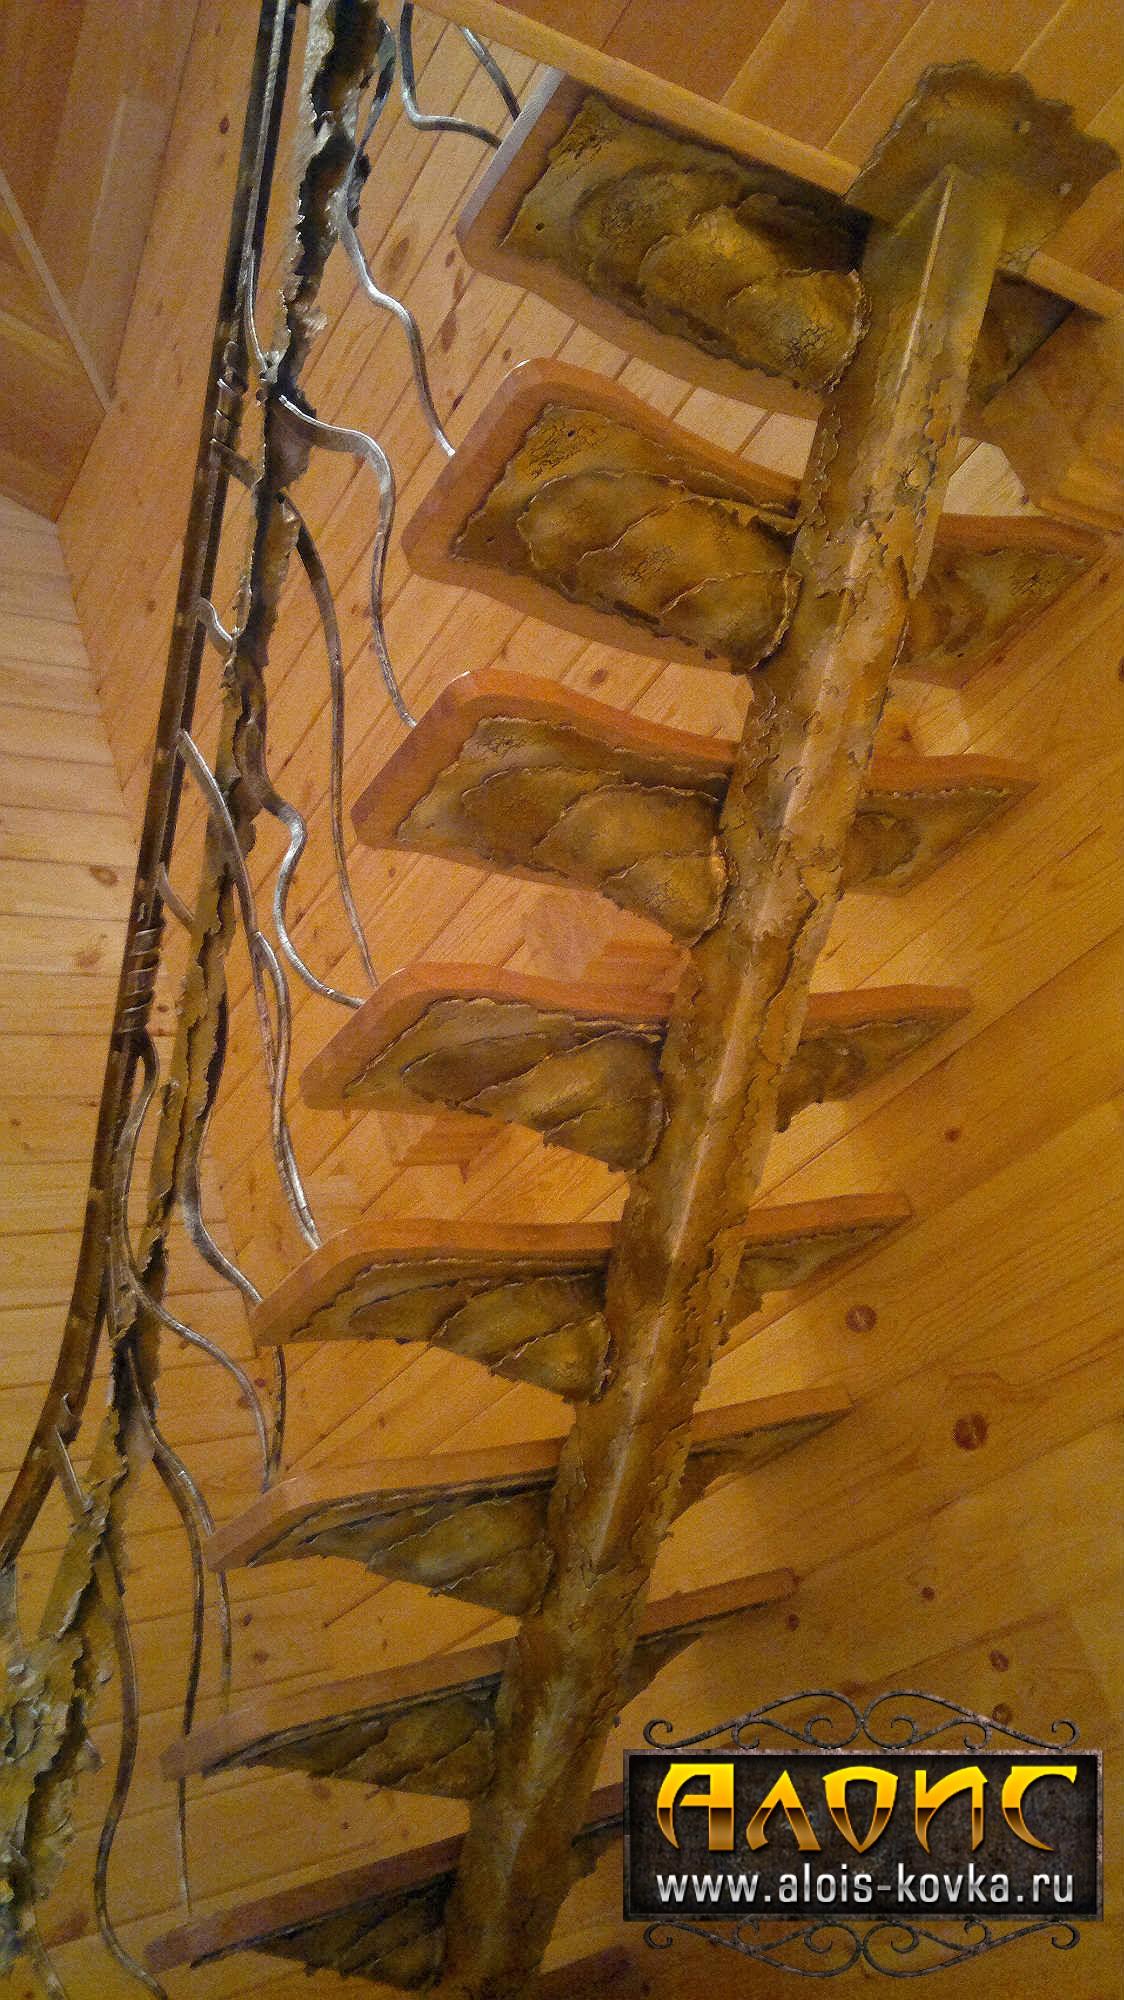 Дизайнерские кованые лестницы внутри дома от кузницы Алоис